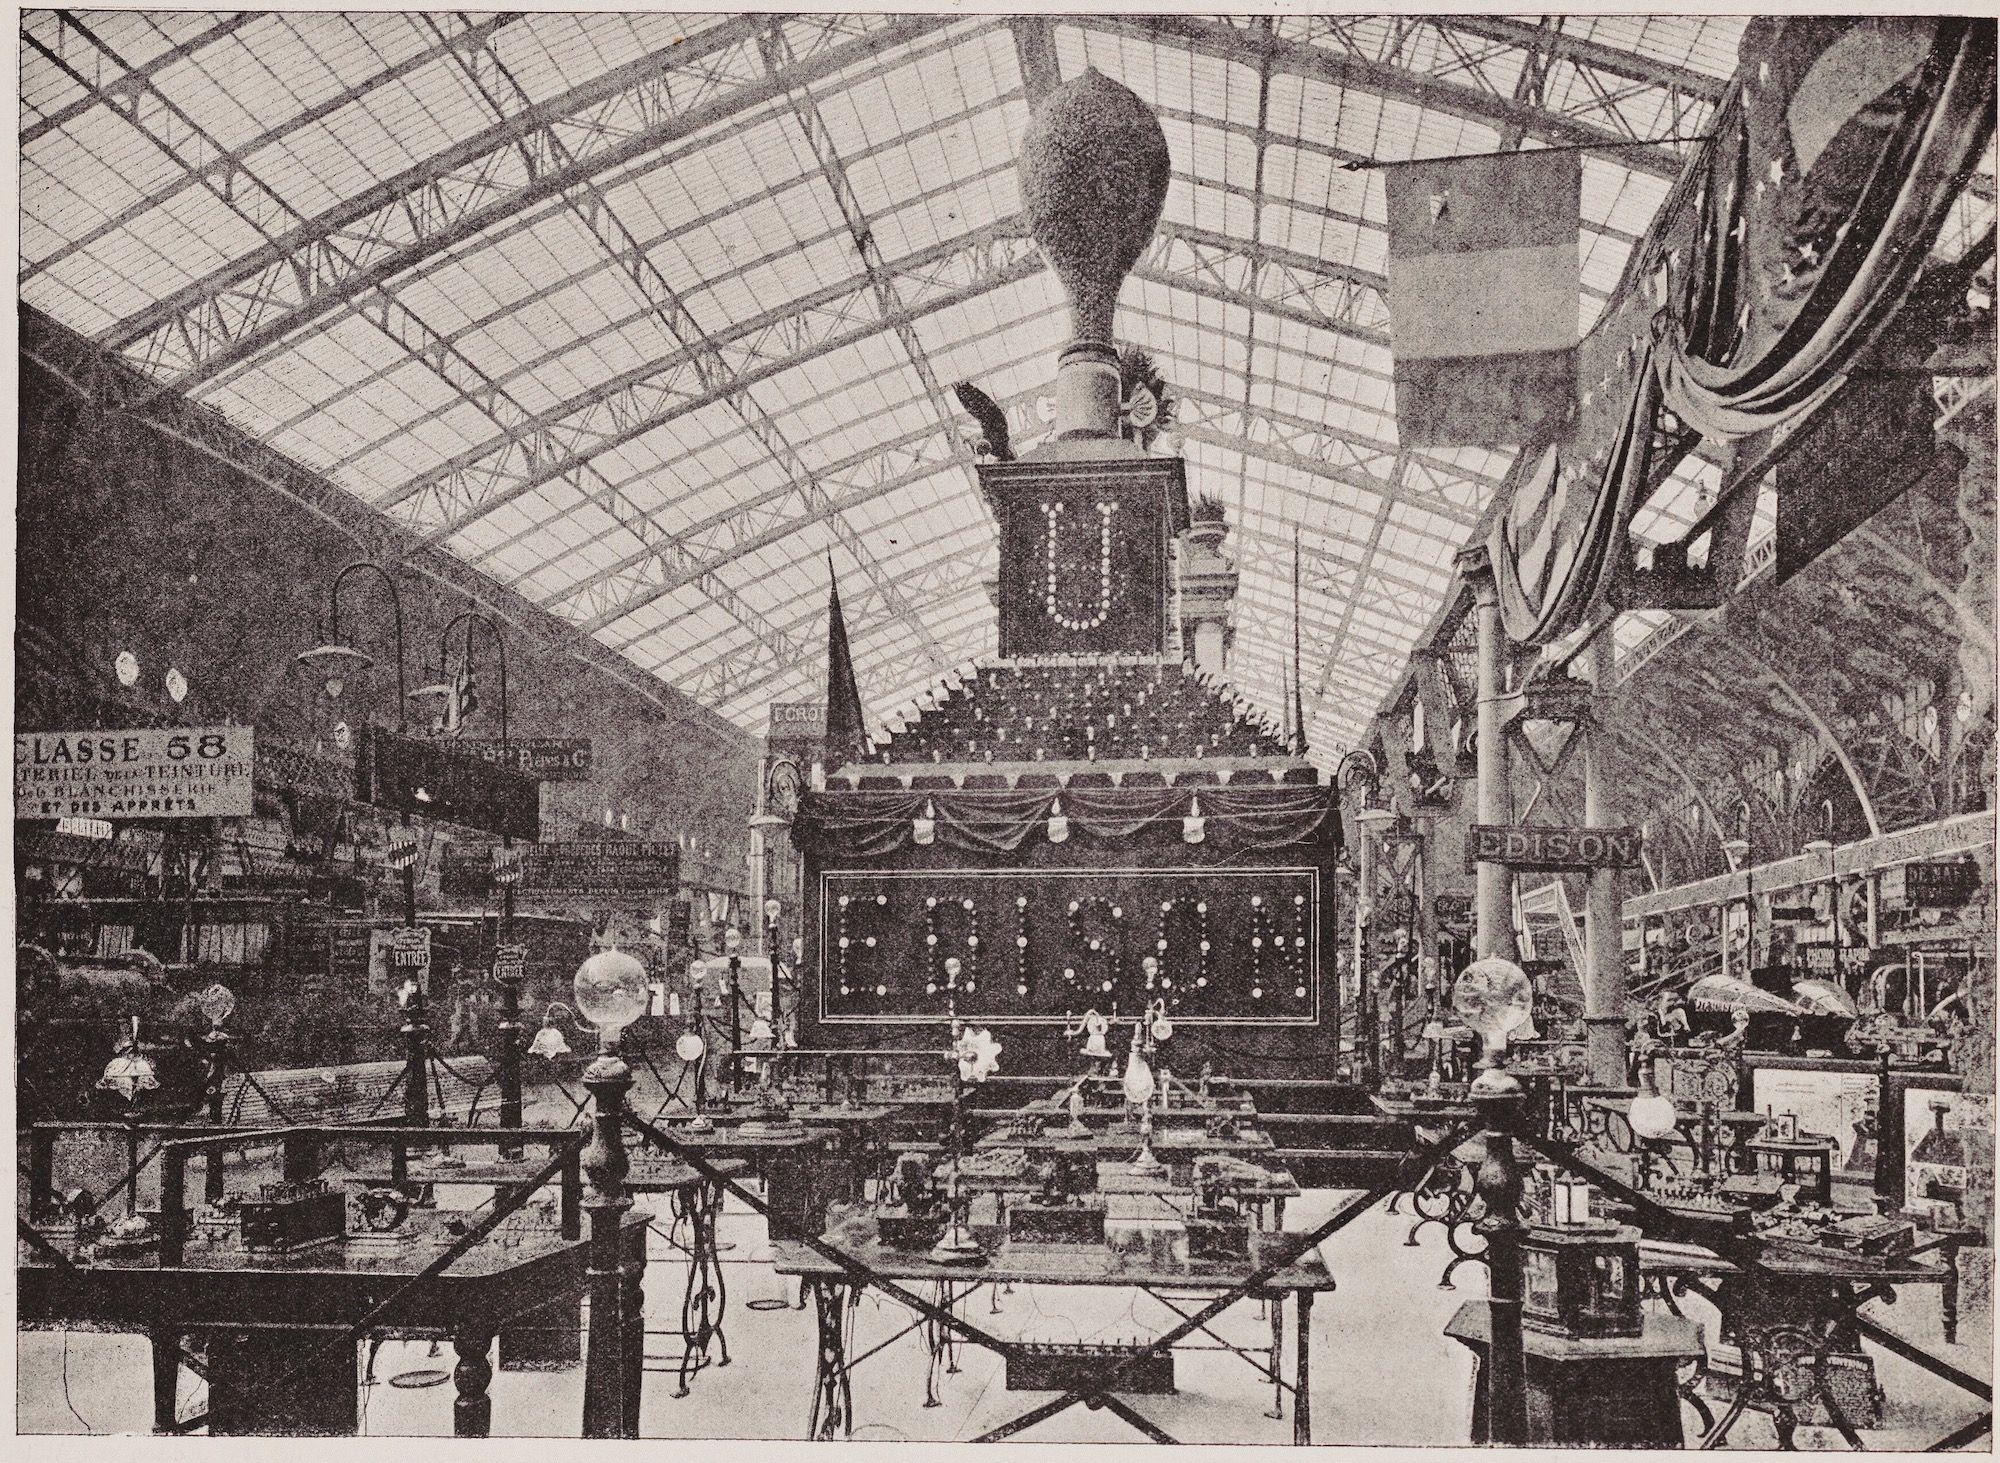 Edison Paris exhibition